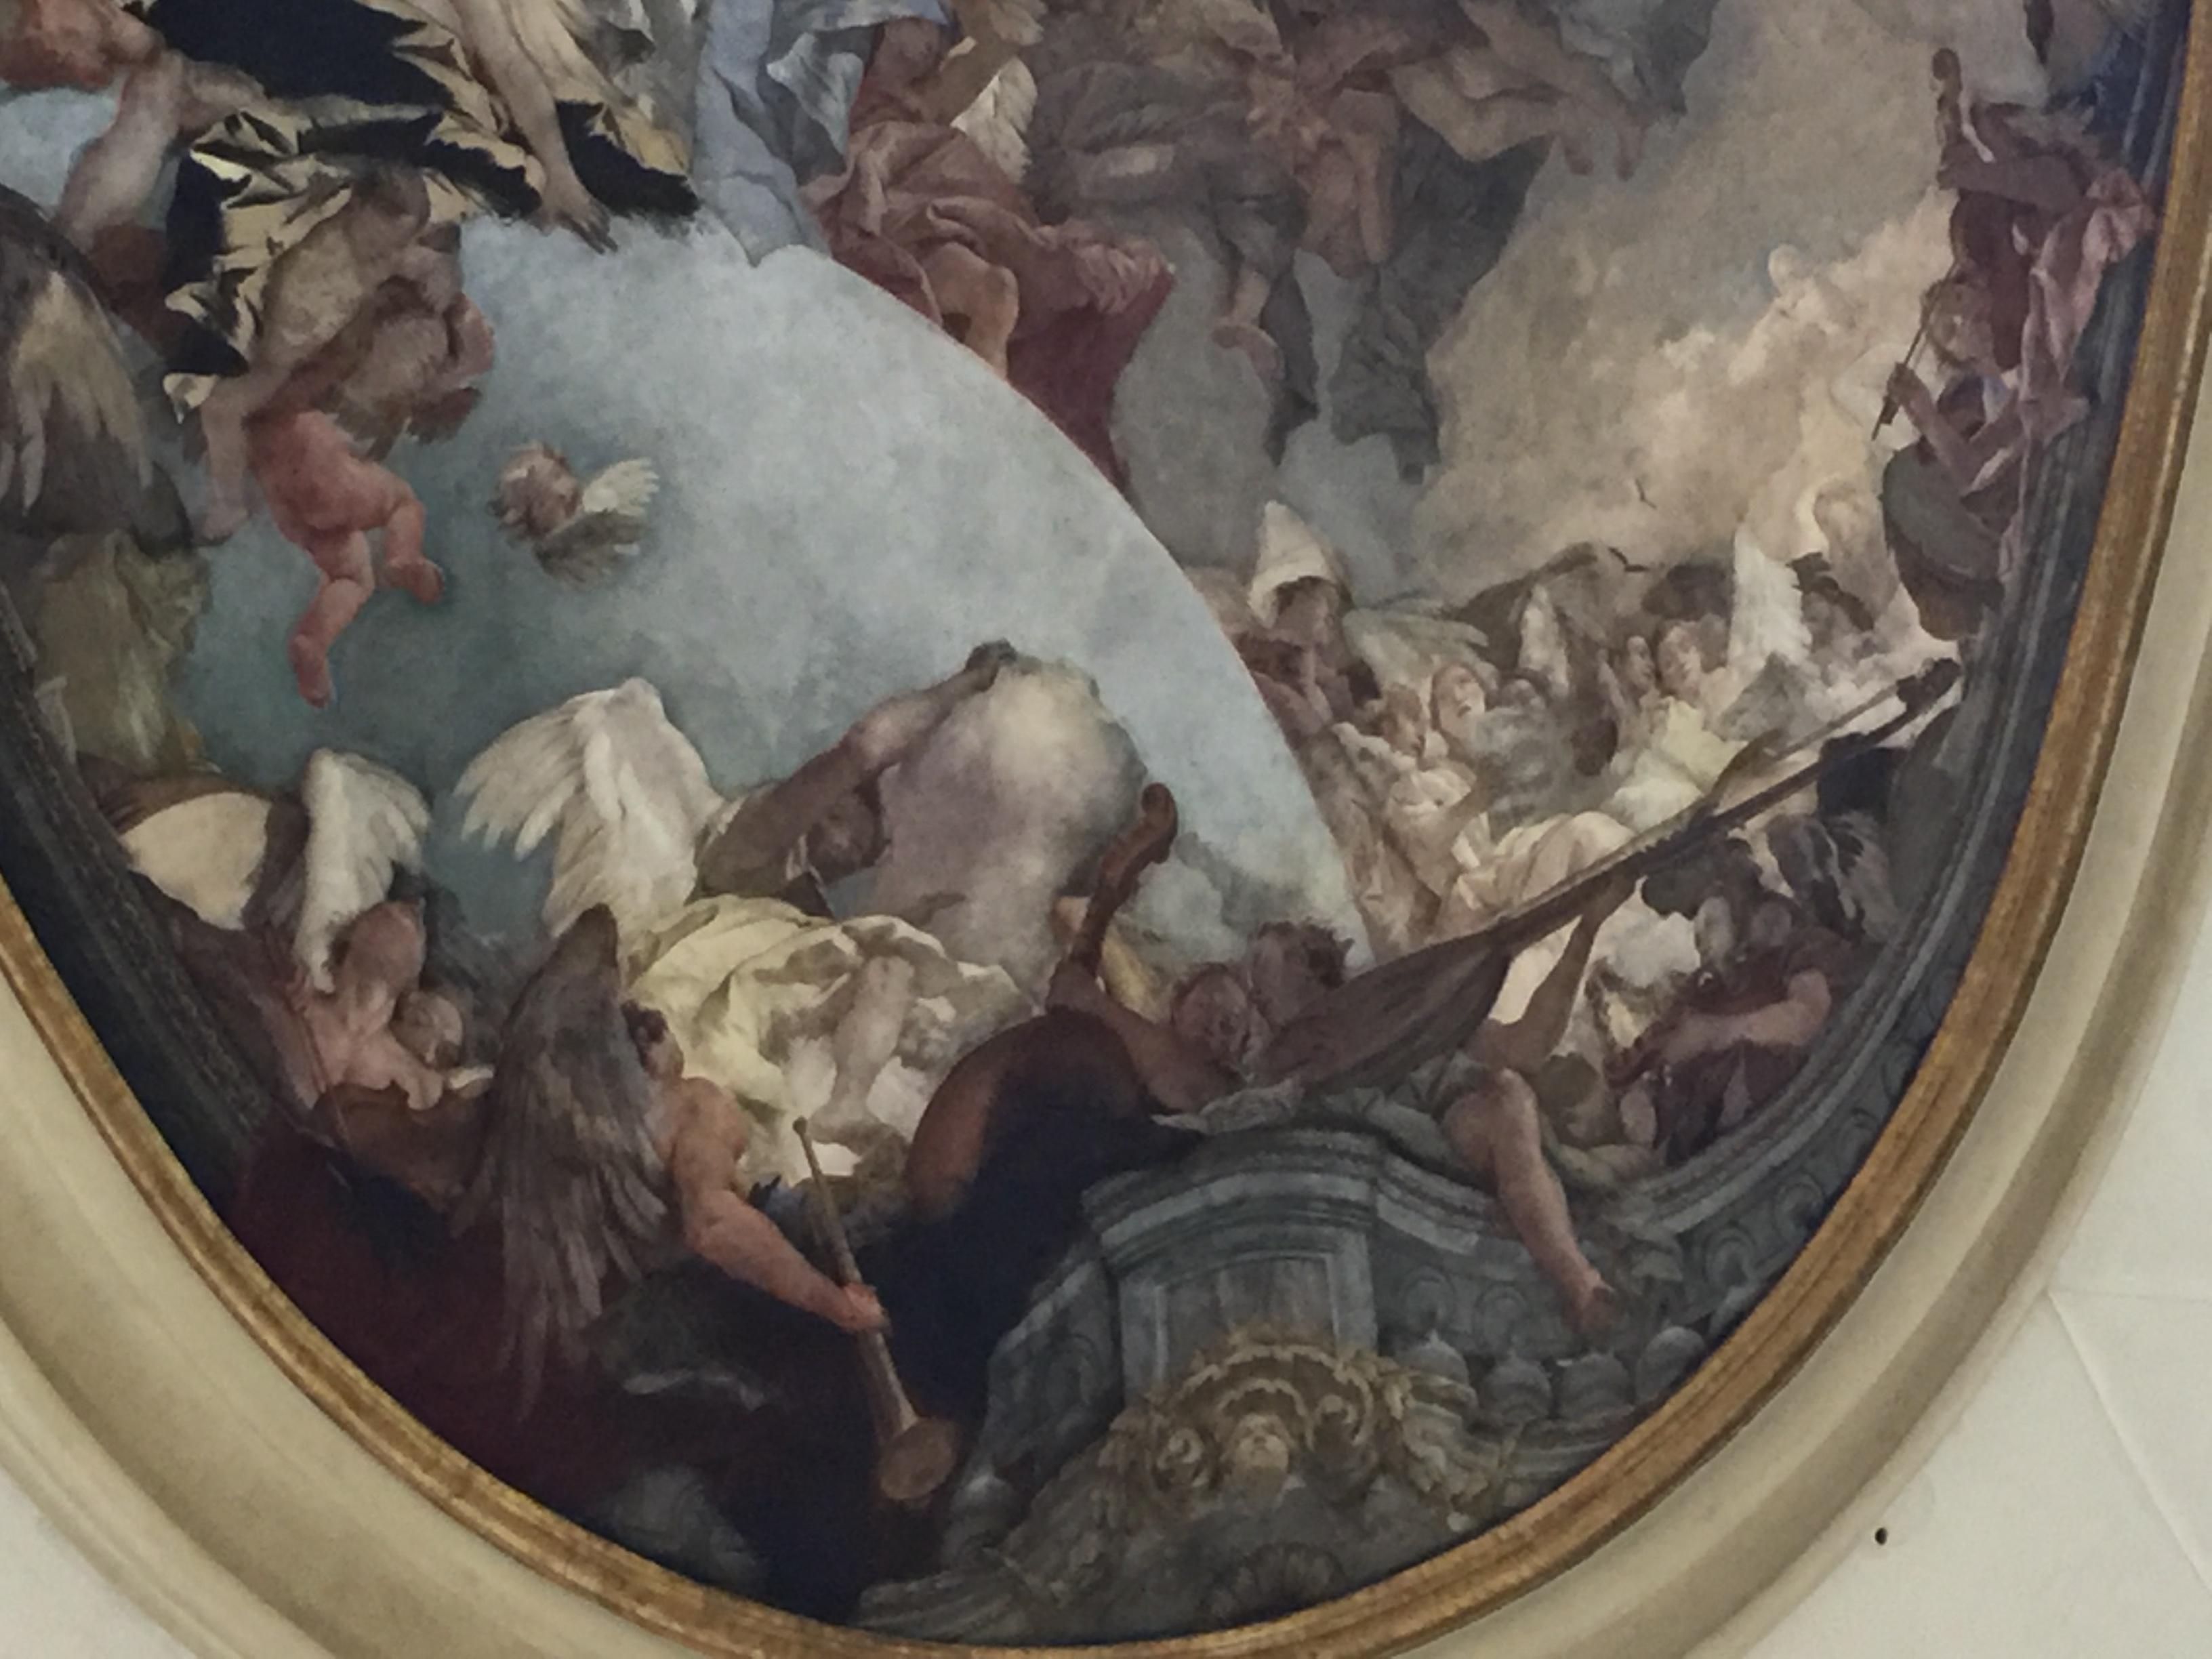 Détail du plafond avec une contrebasse au premier plan entre une trompette et un luth à manche long